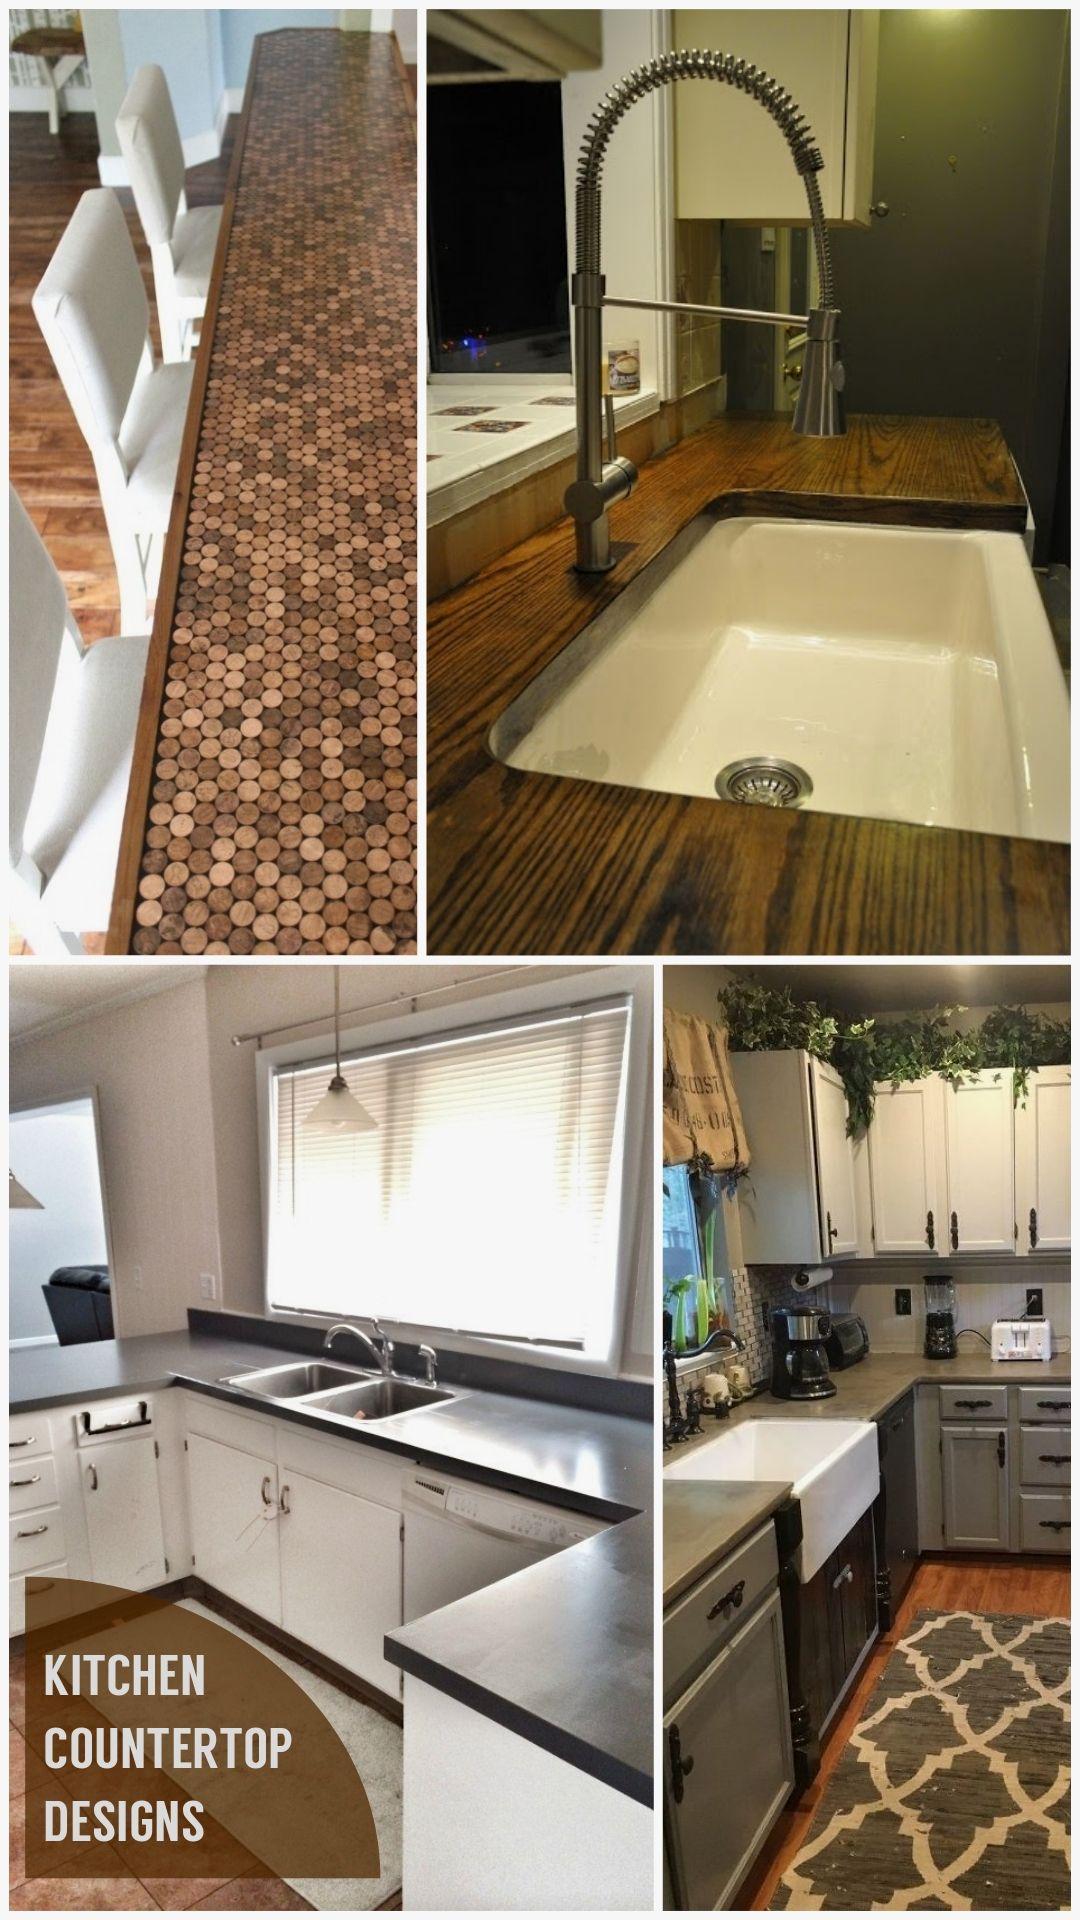 Best Kitchen Countertop Ideas In 2020 Diy Kitchen New Kitchen Diy Kitchen Backsplash Designs